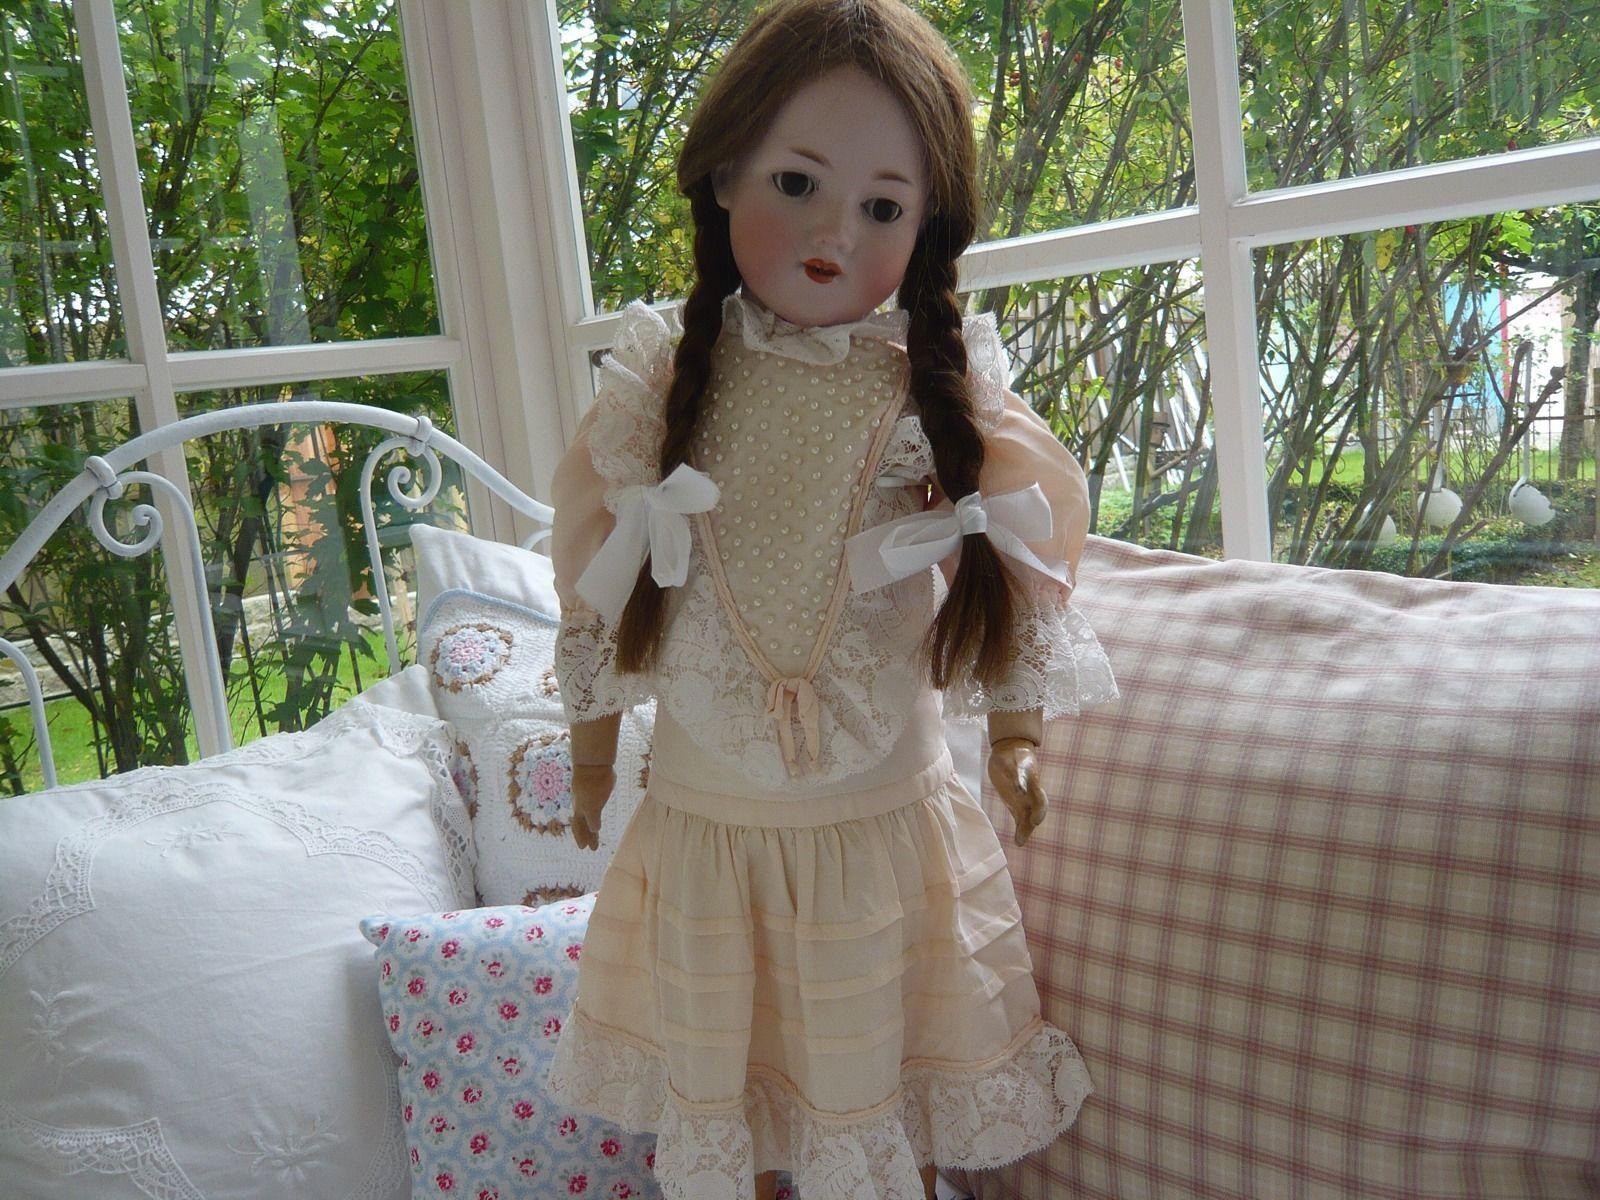 Antike Porzellankopf Puppe Armand Marseille Mädchen Spielzeug Shabby ...